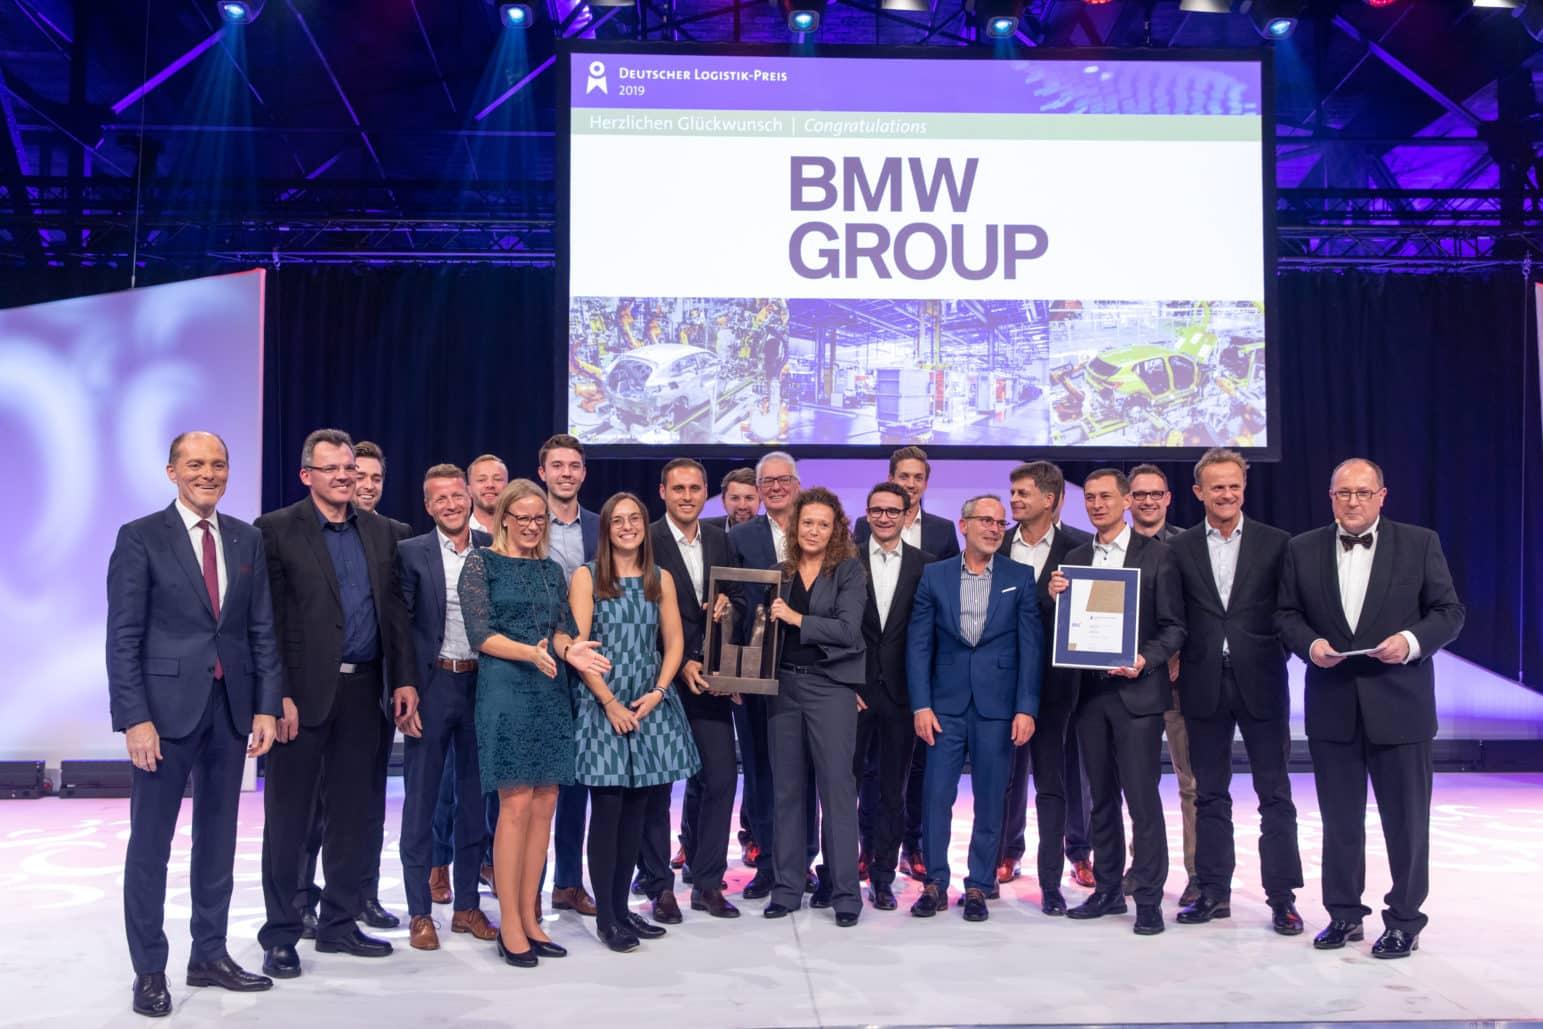 Der Deutsche Logistik-Preis 2019  geht an die BMW Group